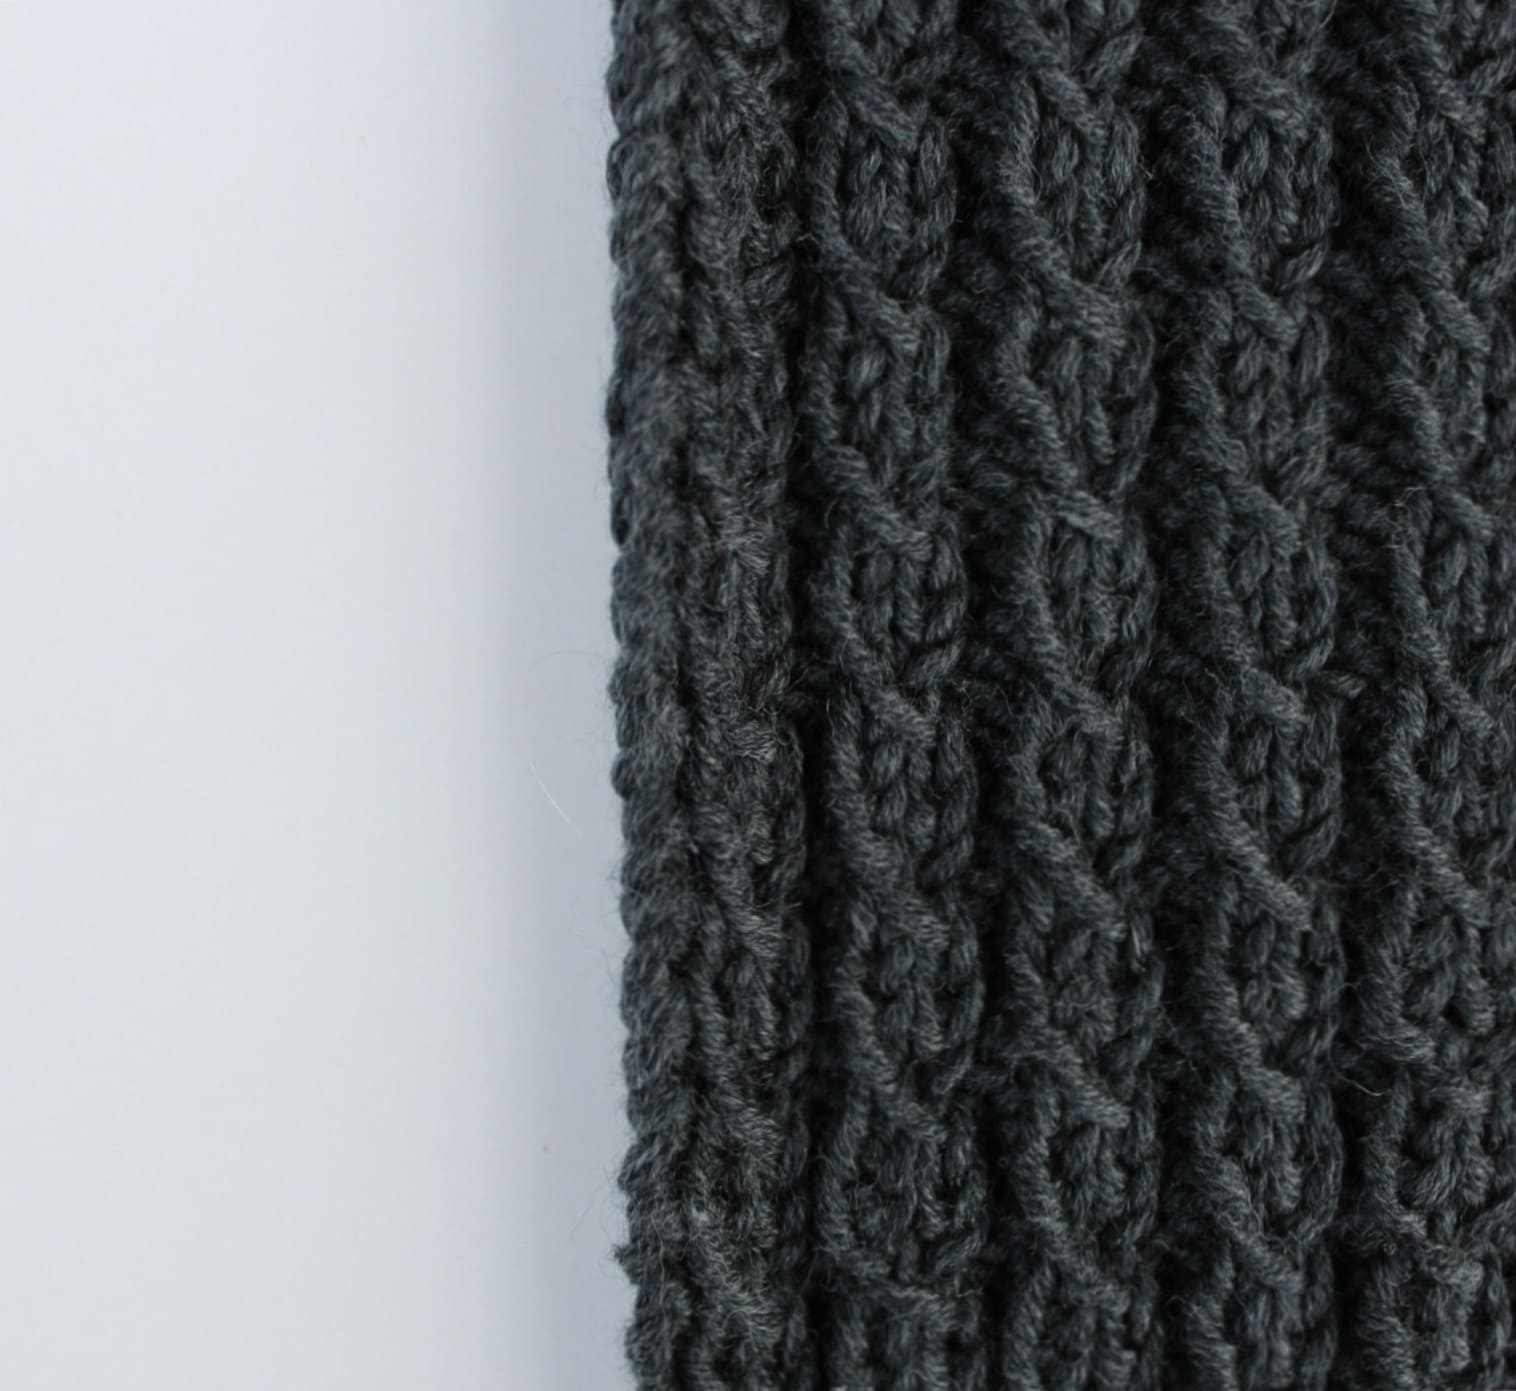 Lochmusterzöpfe stricken: Bei diesem Fantasiemuster entsteht der plastische Zopfeffekt ganz ohne zusätzliche Hilfsnadel. Die detailreiche Oberflächenstruktur auf glatt links gestricktem Grund, eignet sich besonders gut als Flächenmuster für eine Strickjacke oder einen Loop. Als einzelner Strang gefertigt, lassen sich die Lochmusterzöpfe aber auch mit klassischen Zöpfen kombinieren. Merinowolle zaubert ein schönes Maschenbild. // Strickanleitung // Strickmuster // Anthrazit // Anleitung deutsch